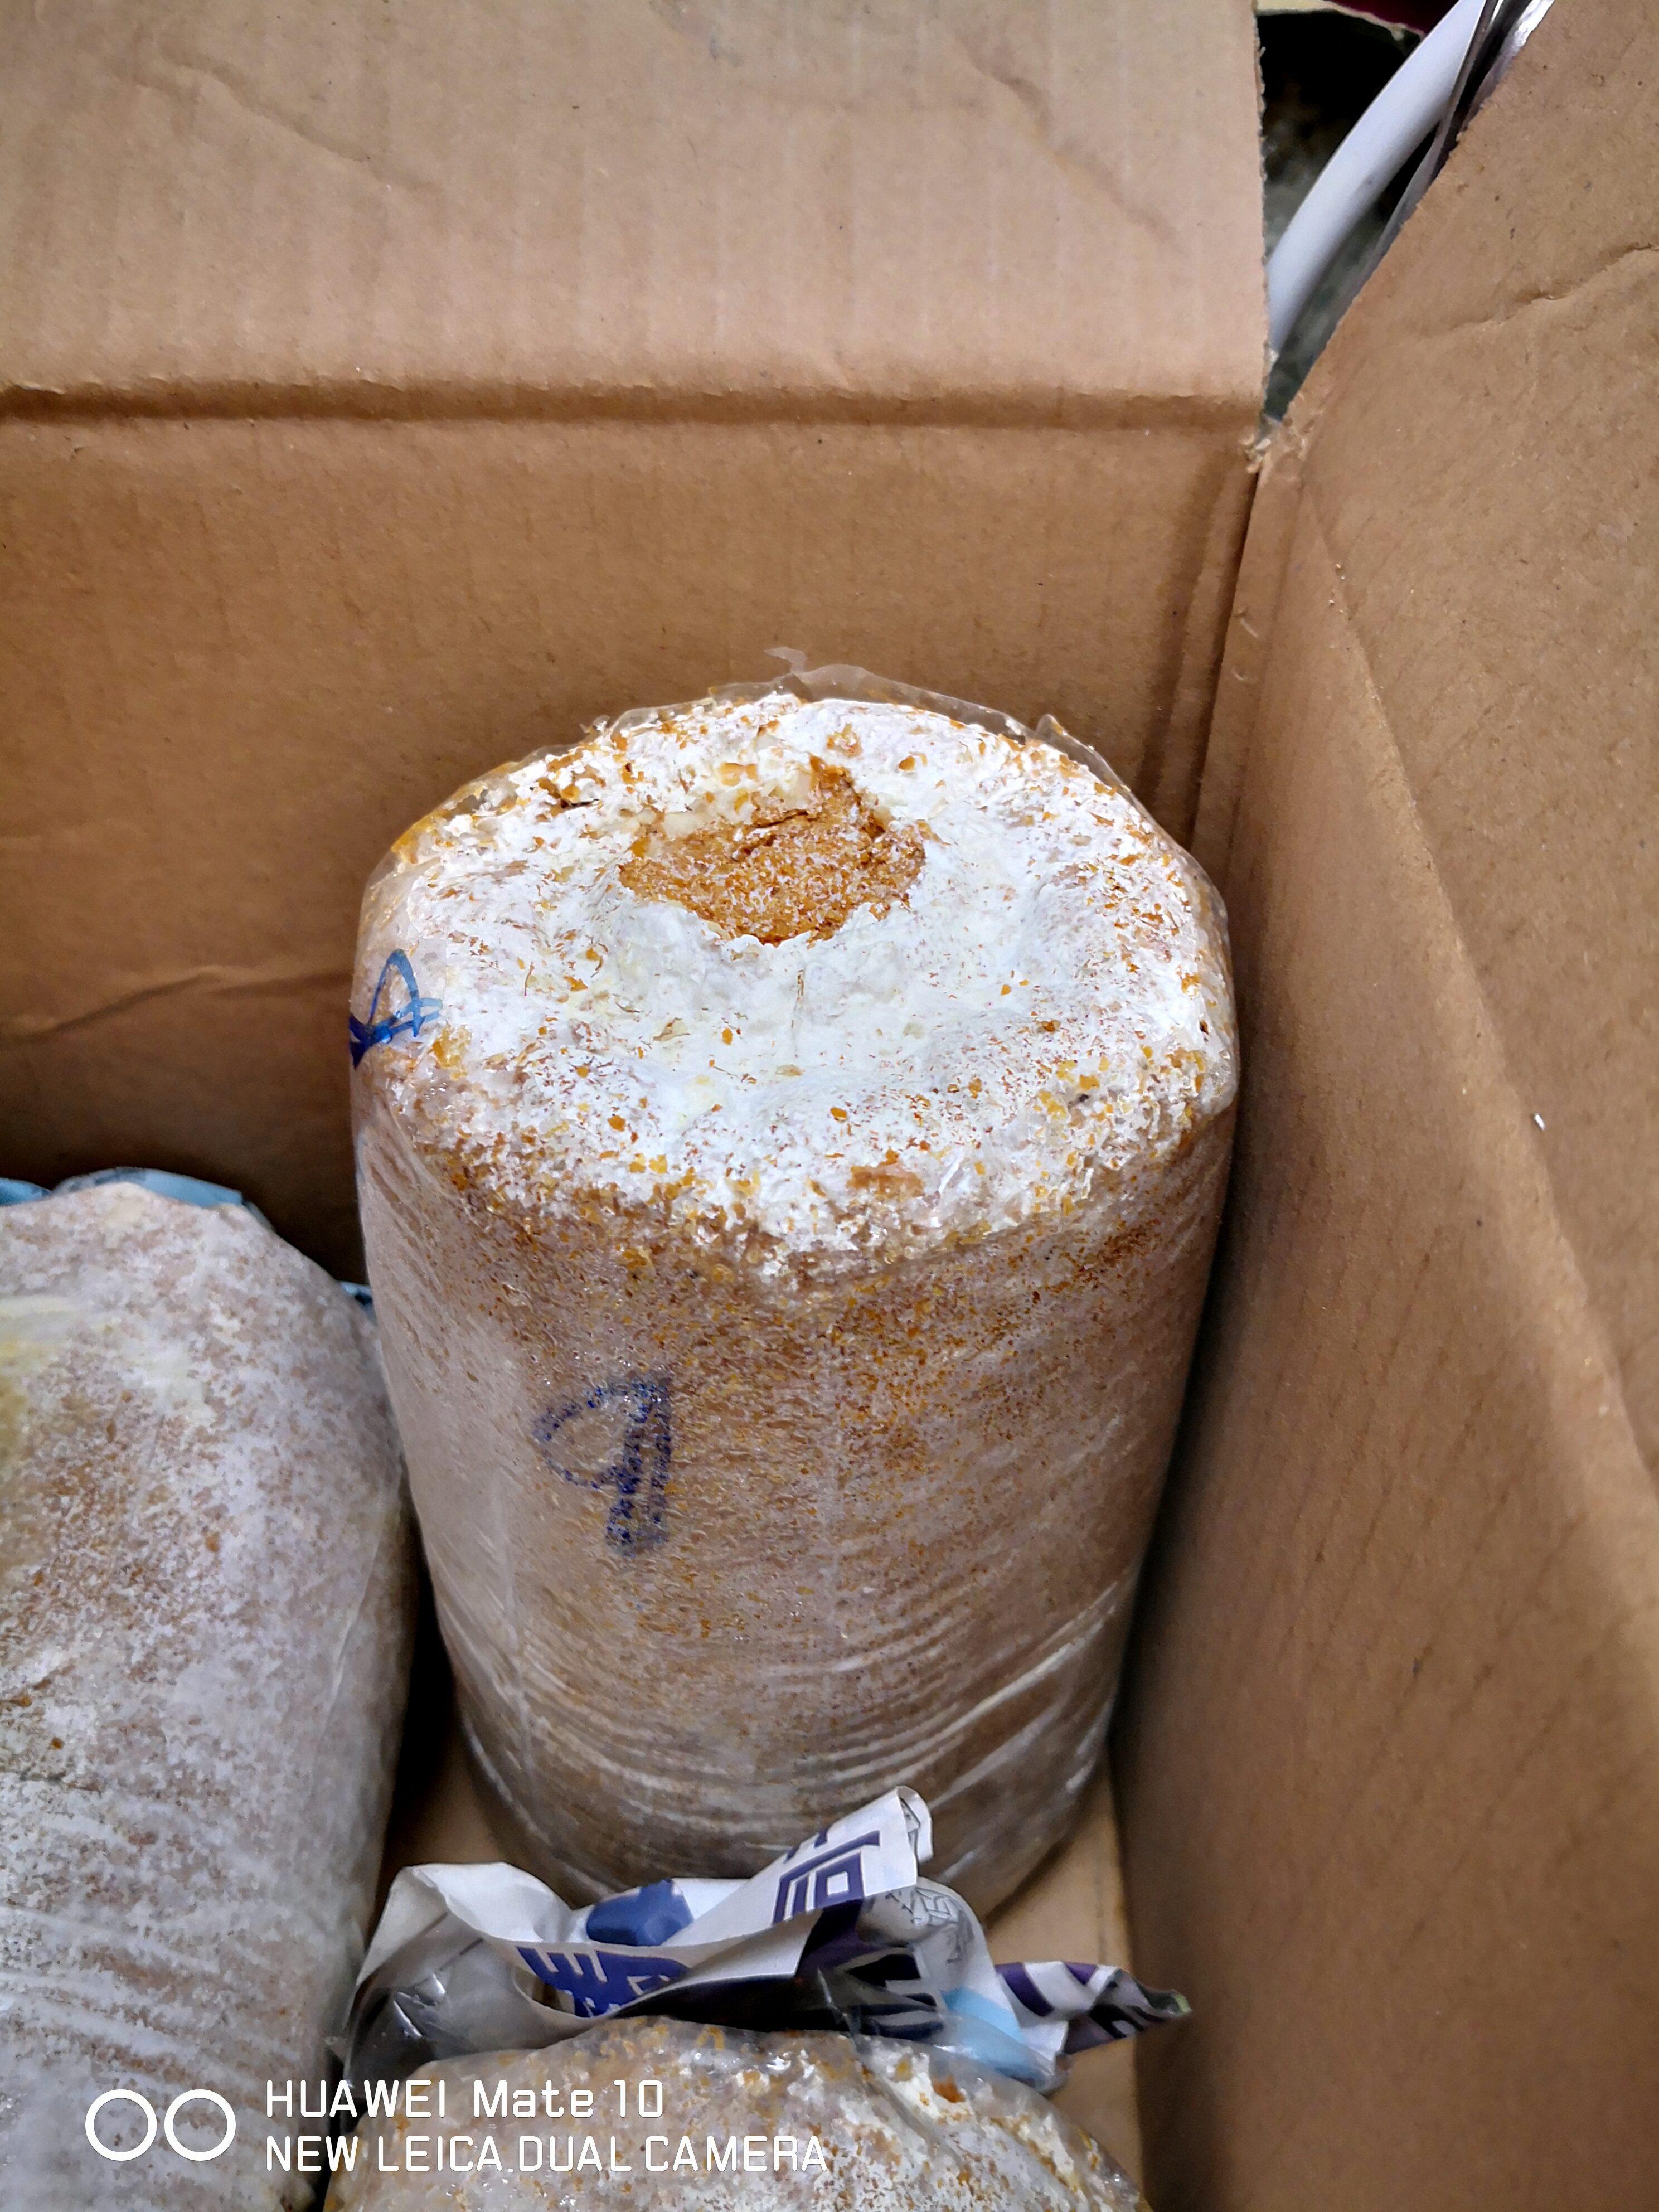 初次种植灰蚝菇,记录灰蚝菇生长阶段第一篇[内涵少部分图片] 1